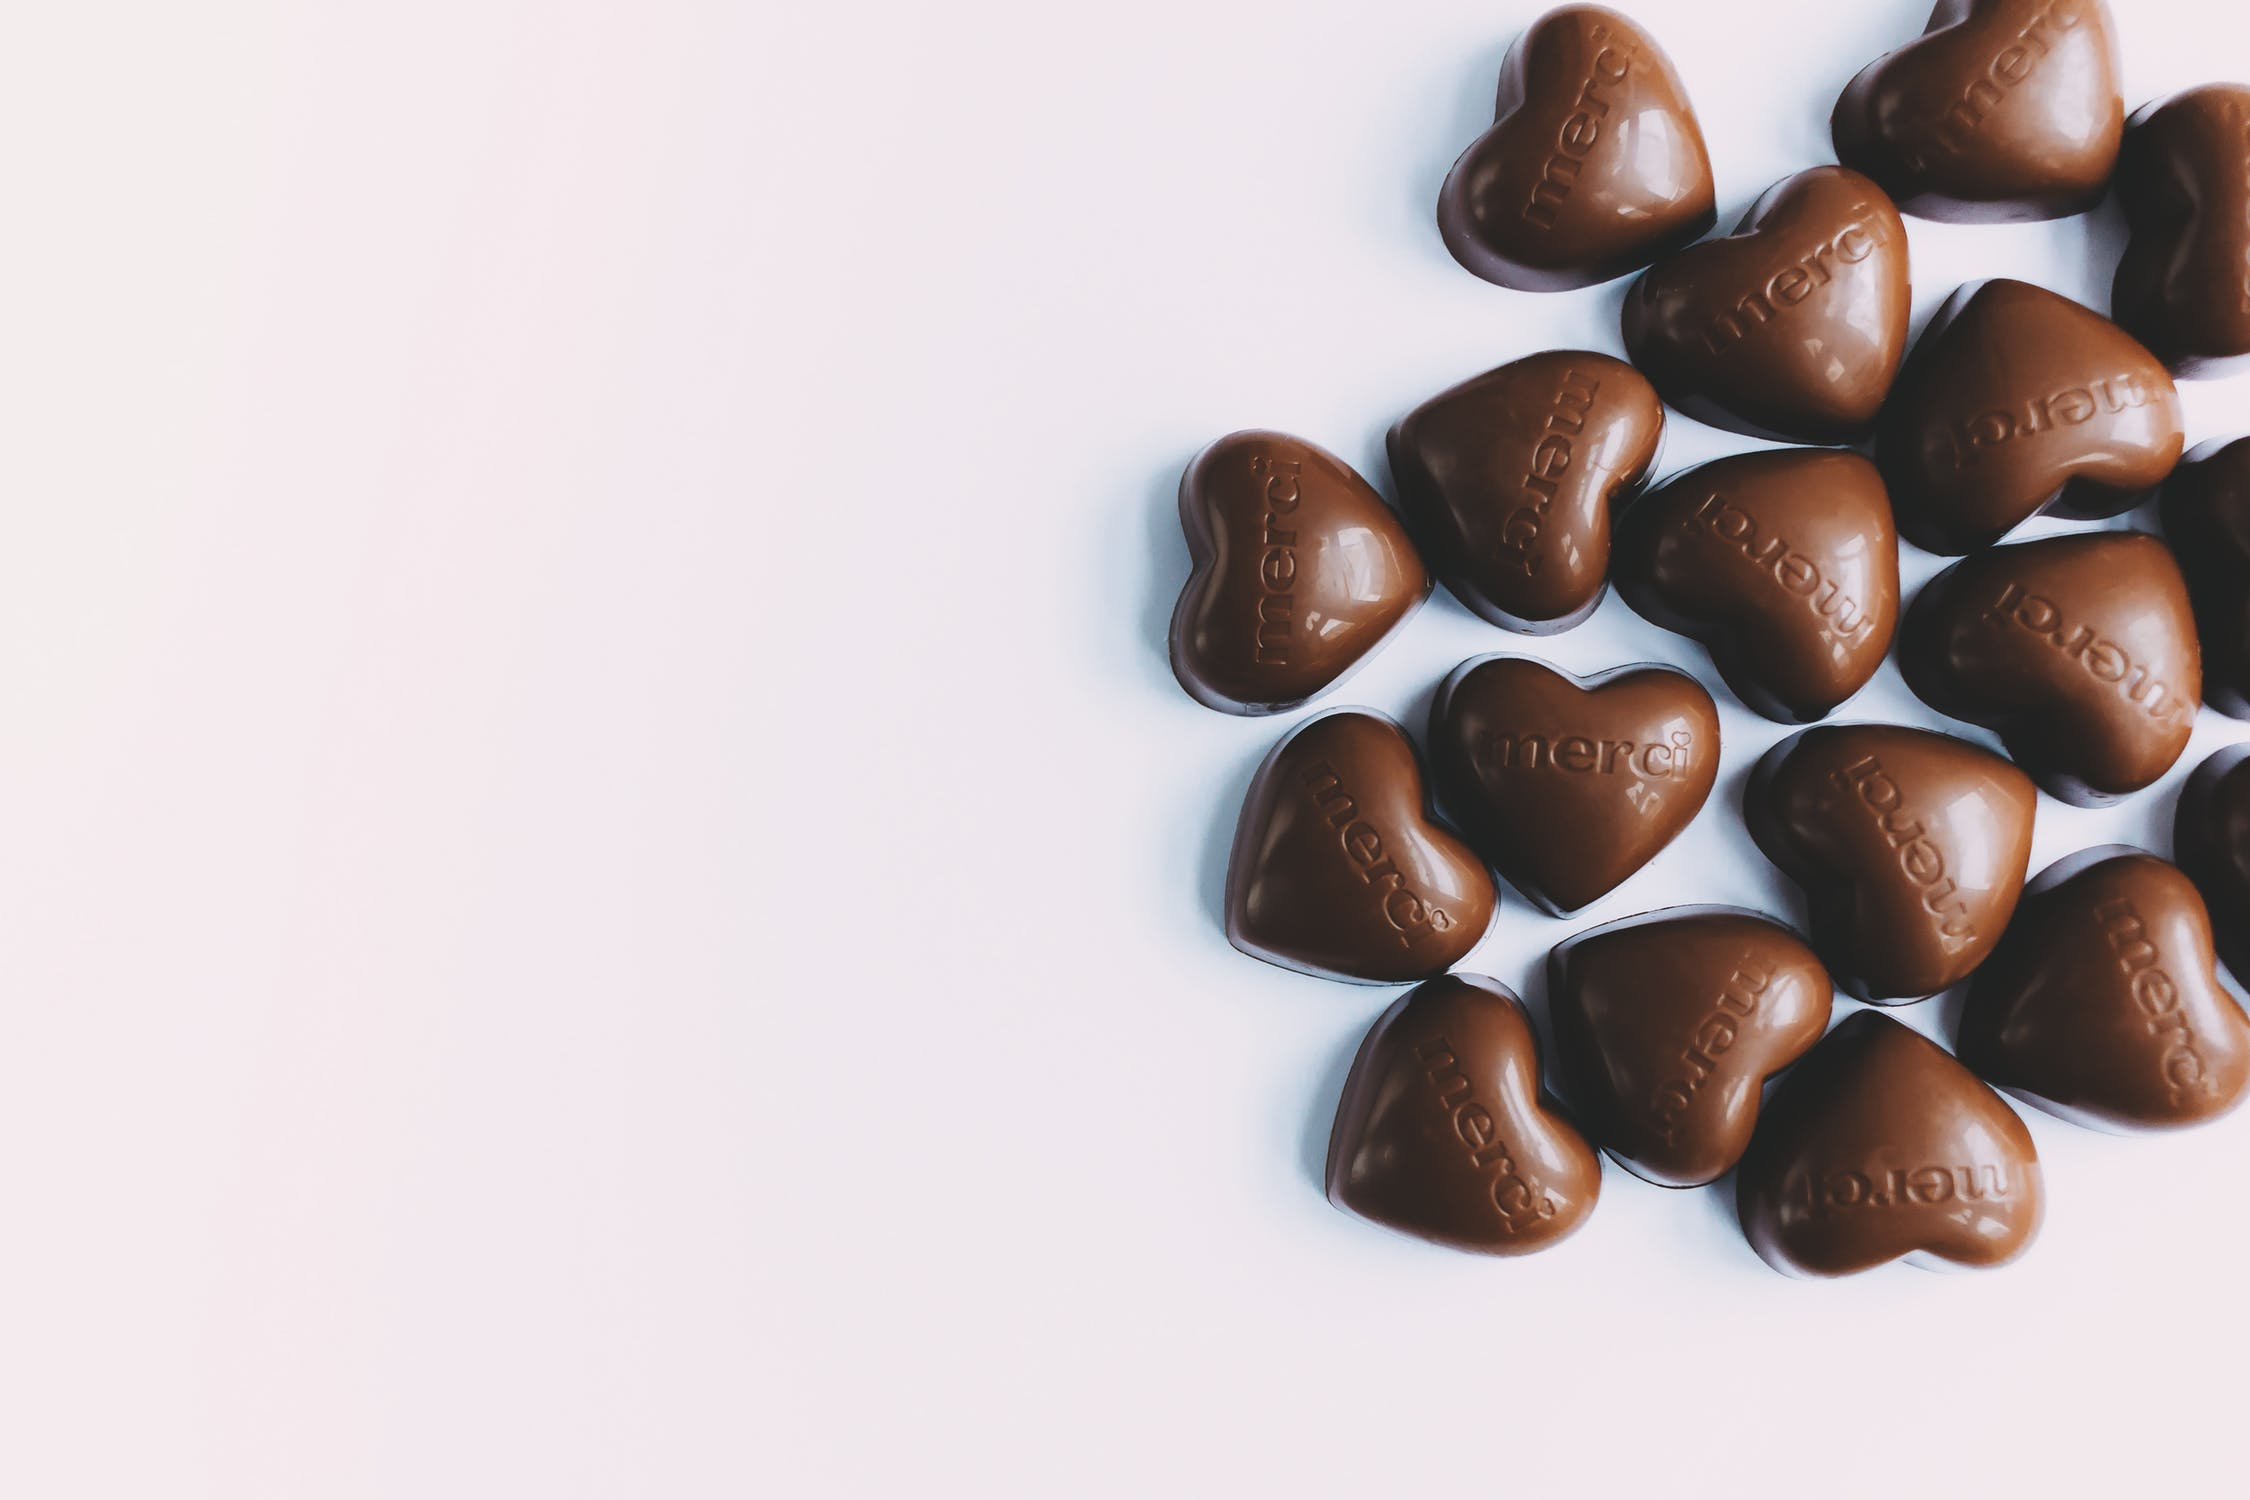 Mengenal 5 Jenis Cokelat Yang Patut Kamu Ketahui